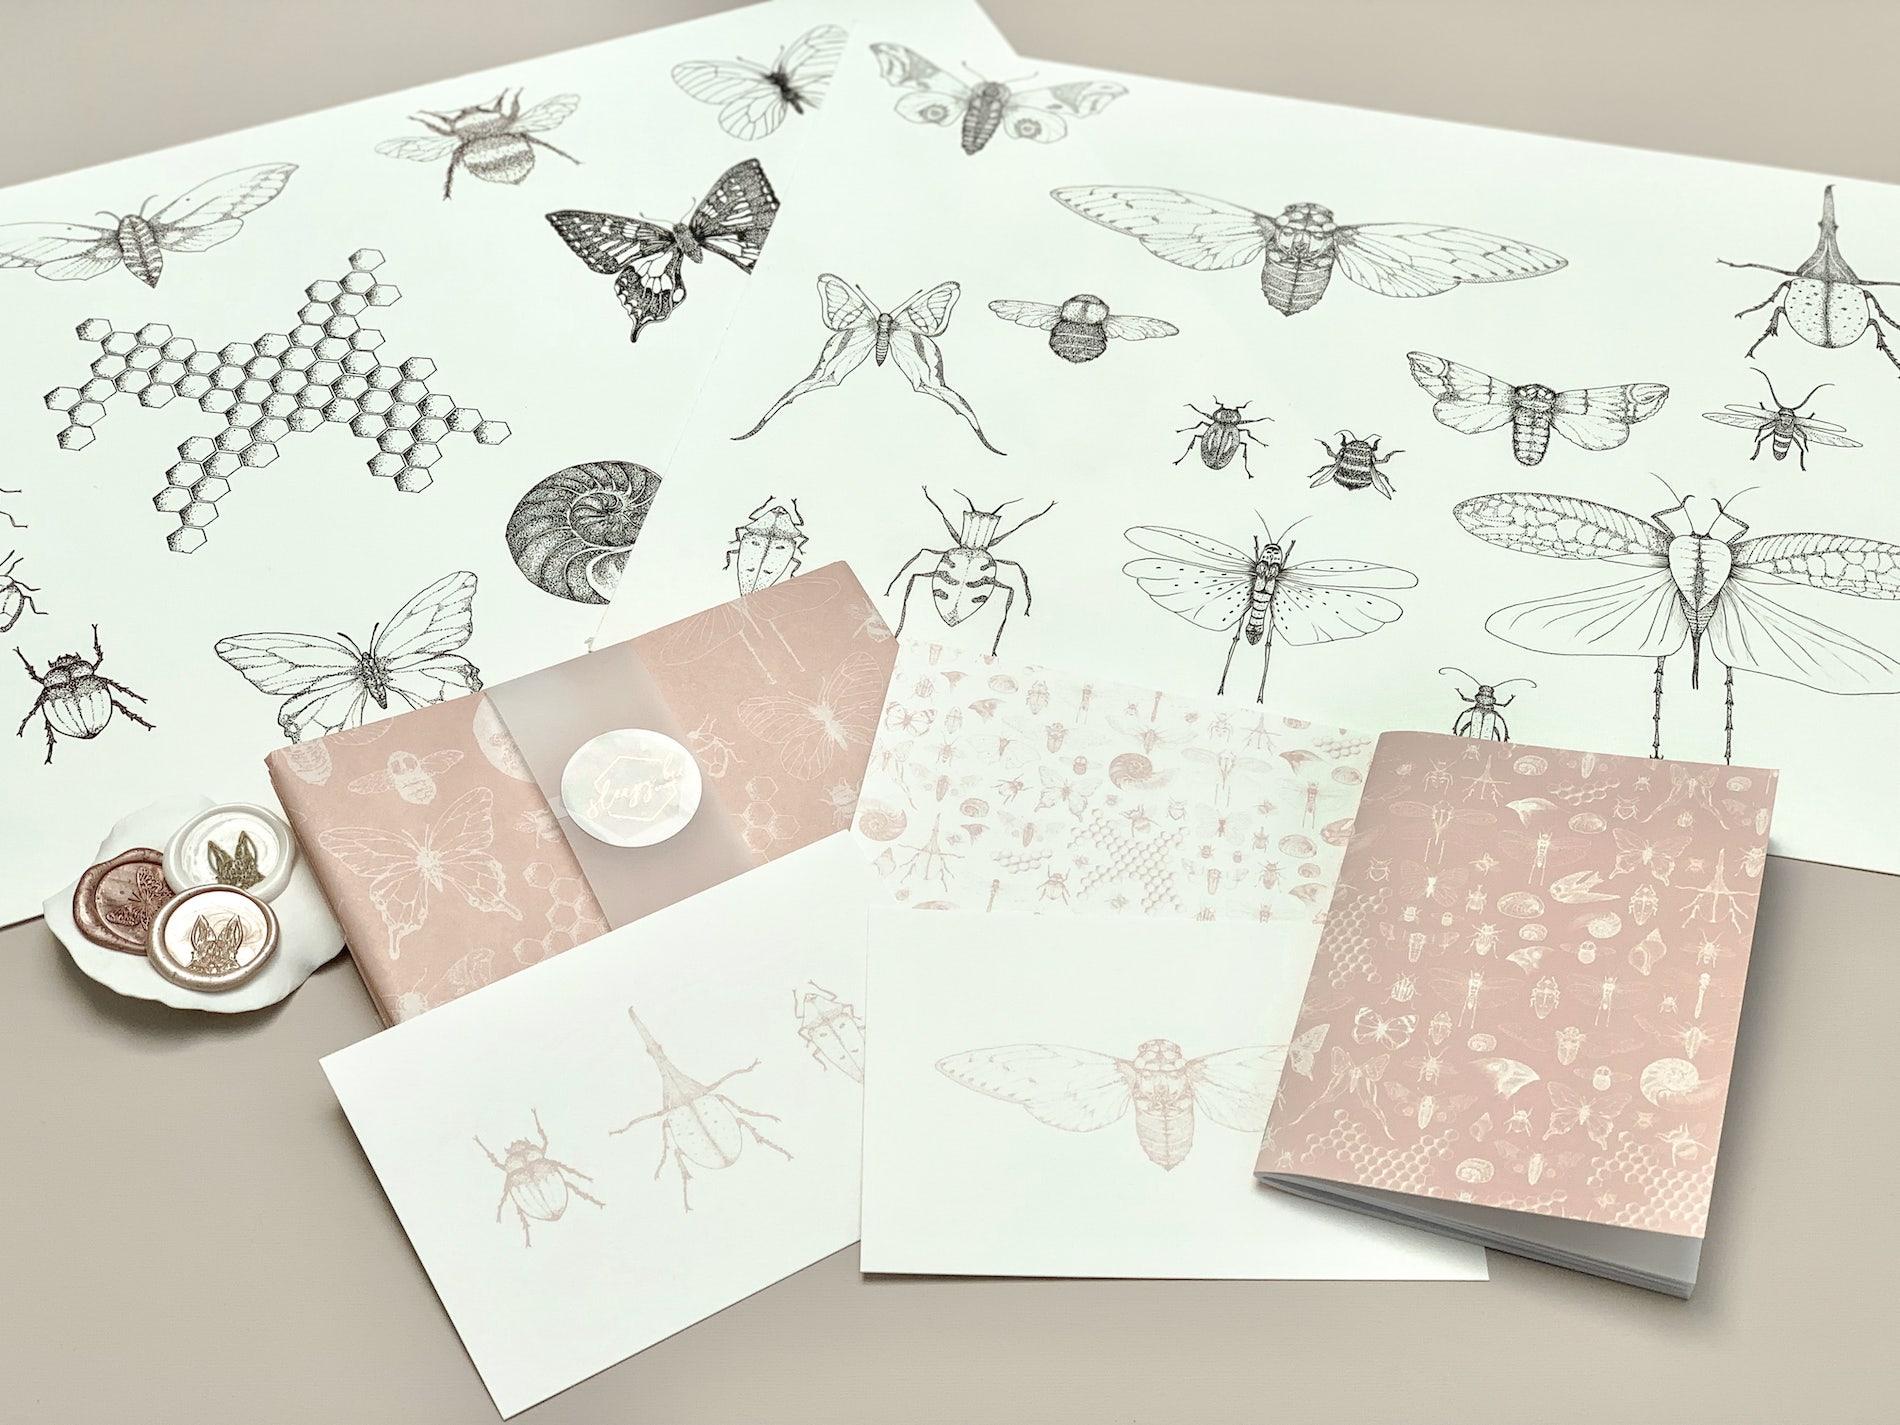 Illustrations for the Darwin custom tissue paper design